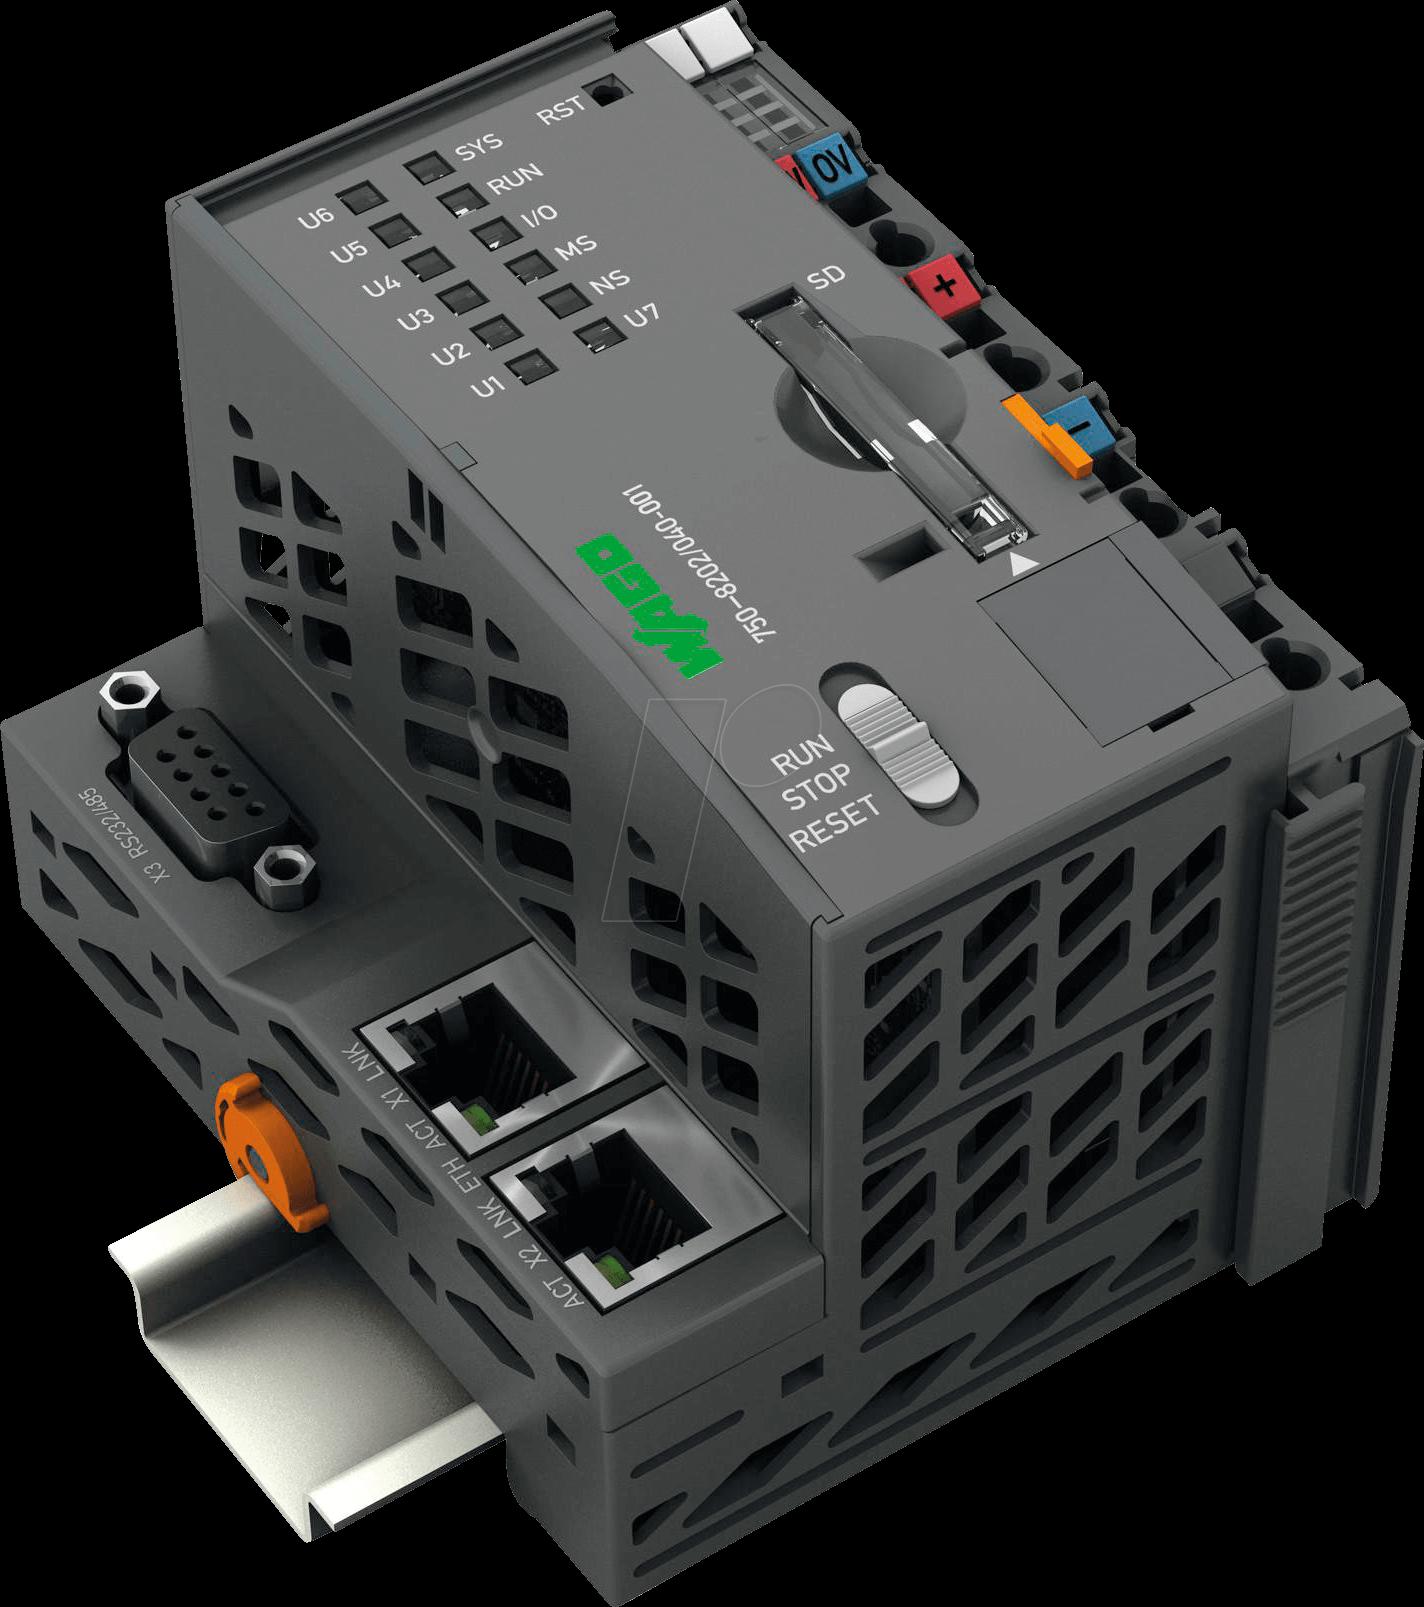 WAGO 750-8202-40 - SPS - Controller PFC200 XTR